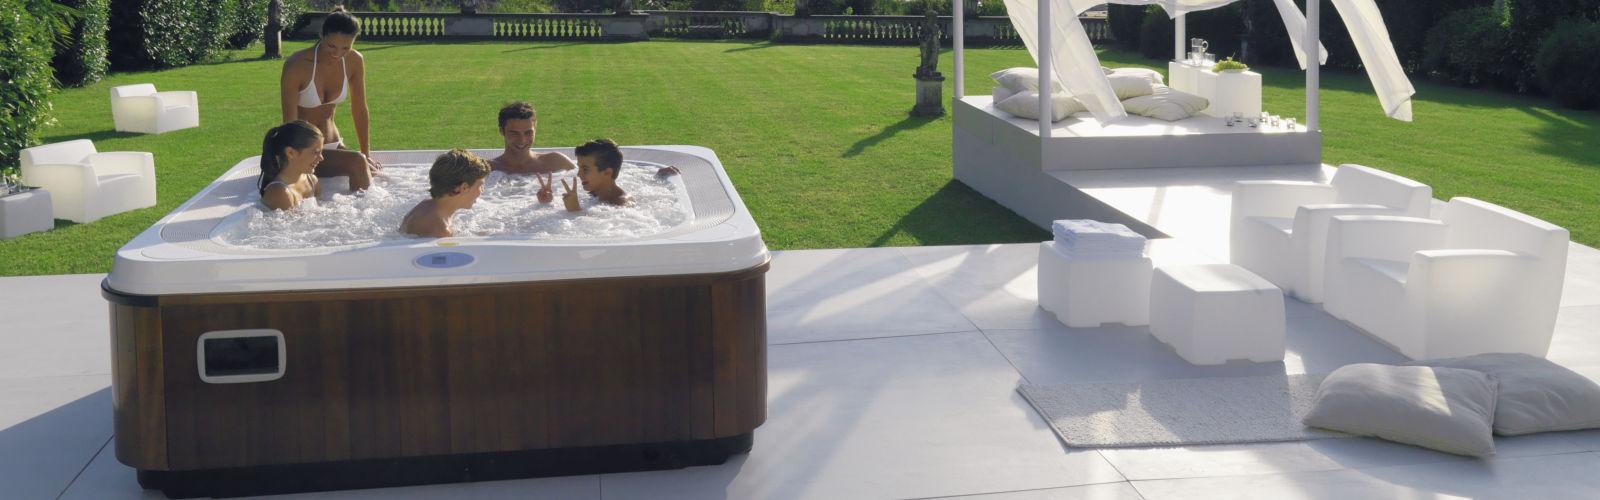 SK-Whirlpool-Jacuzzi-Außenwhirlpool auf der Terrasse